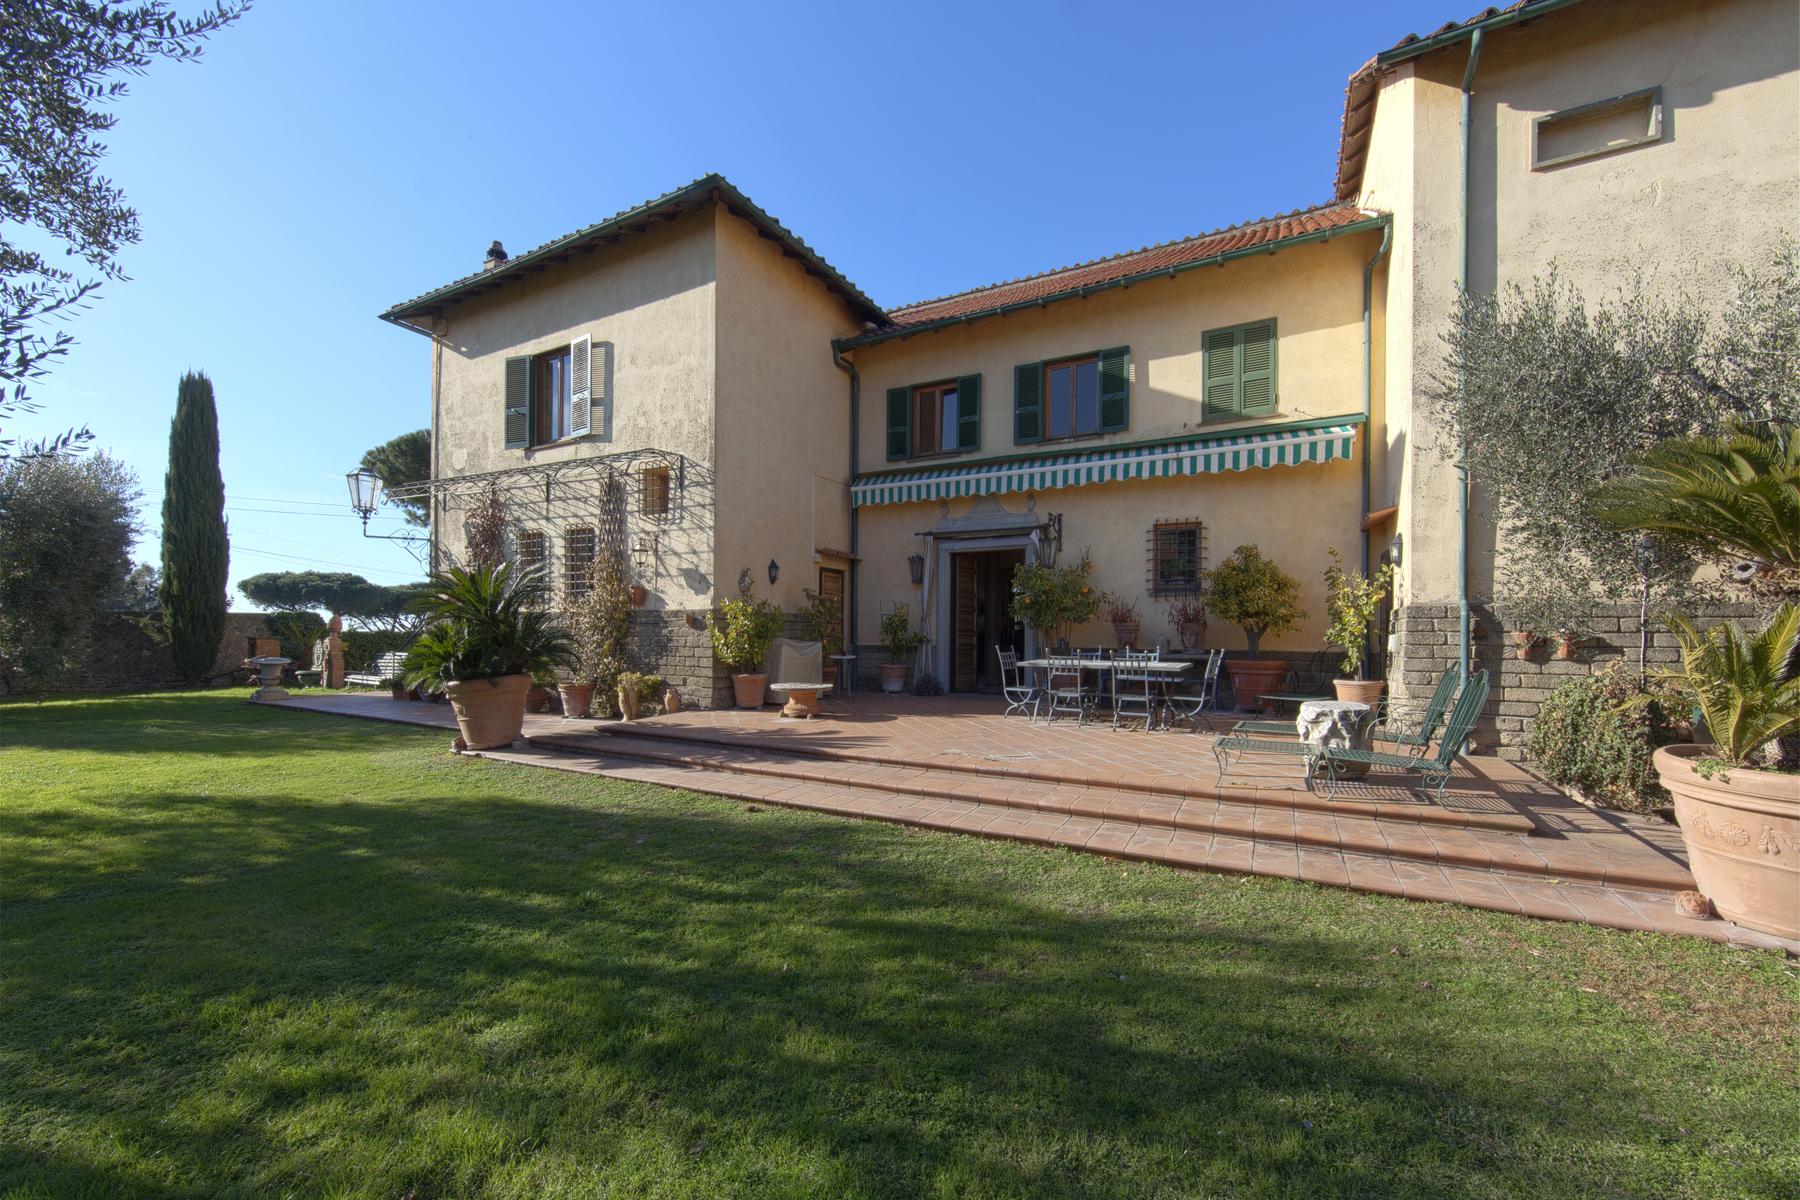 Villa in Vendita a Marino: 5 locali, 788 mq - Foto 4